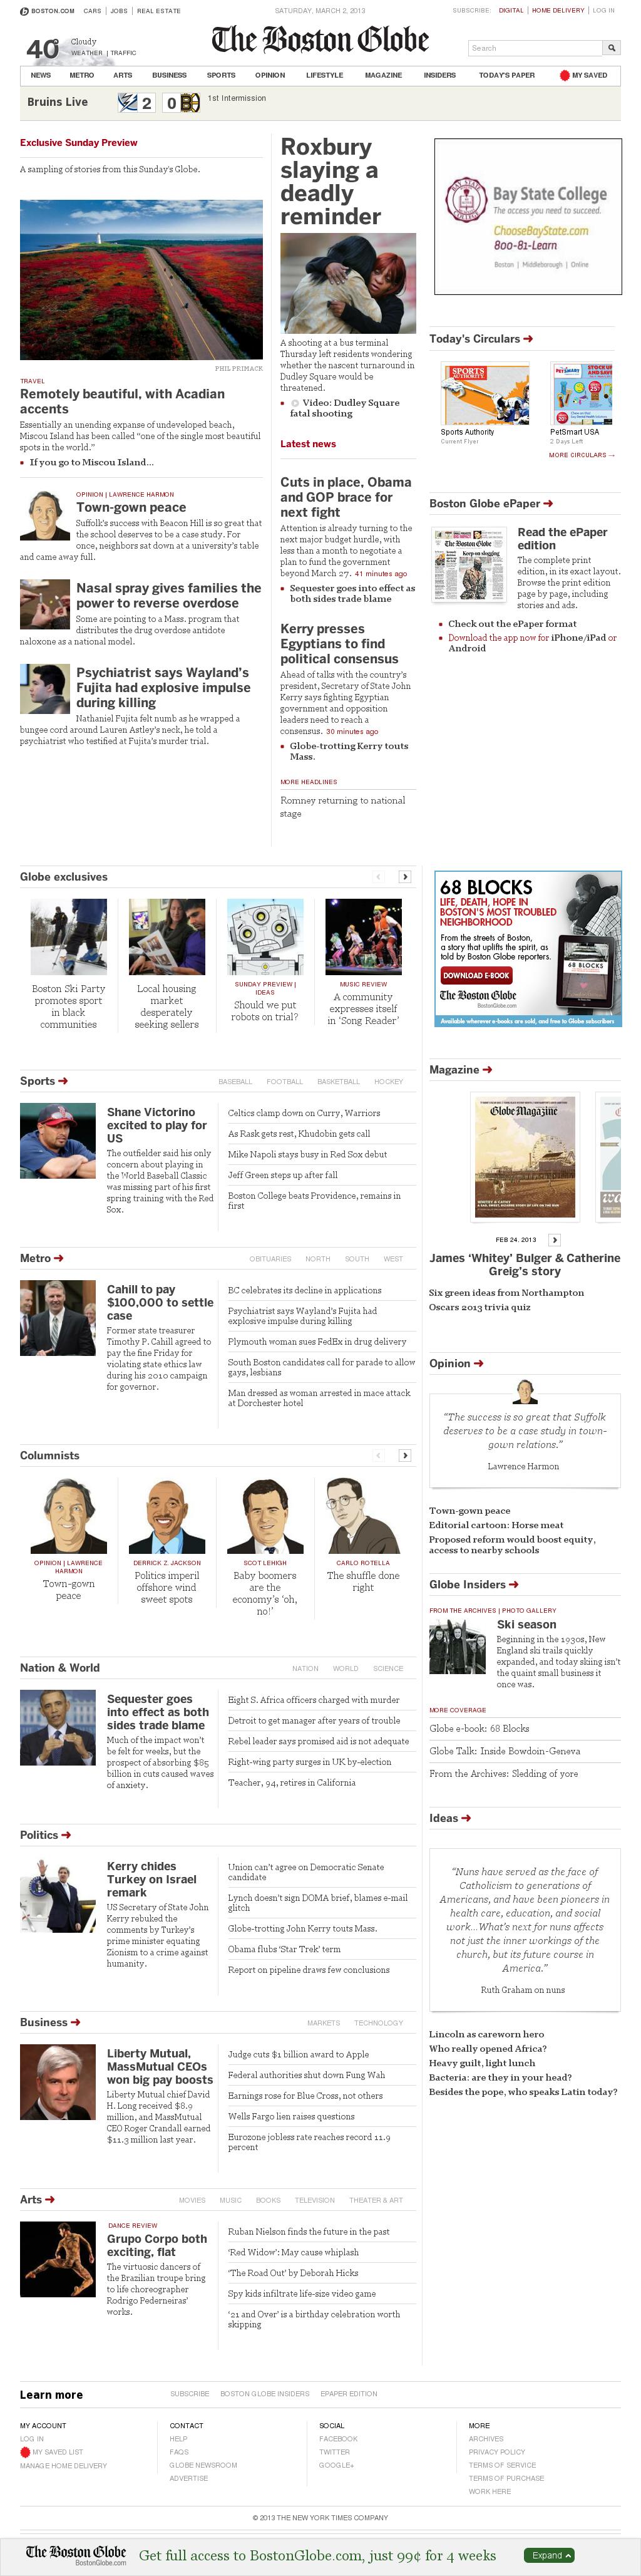 The Boston Globe at Saturday March 2, 2013, 7:02 p.m. UTC